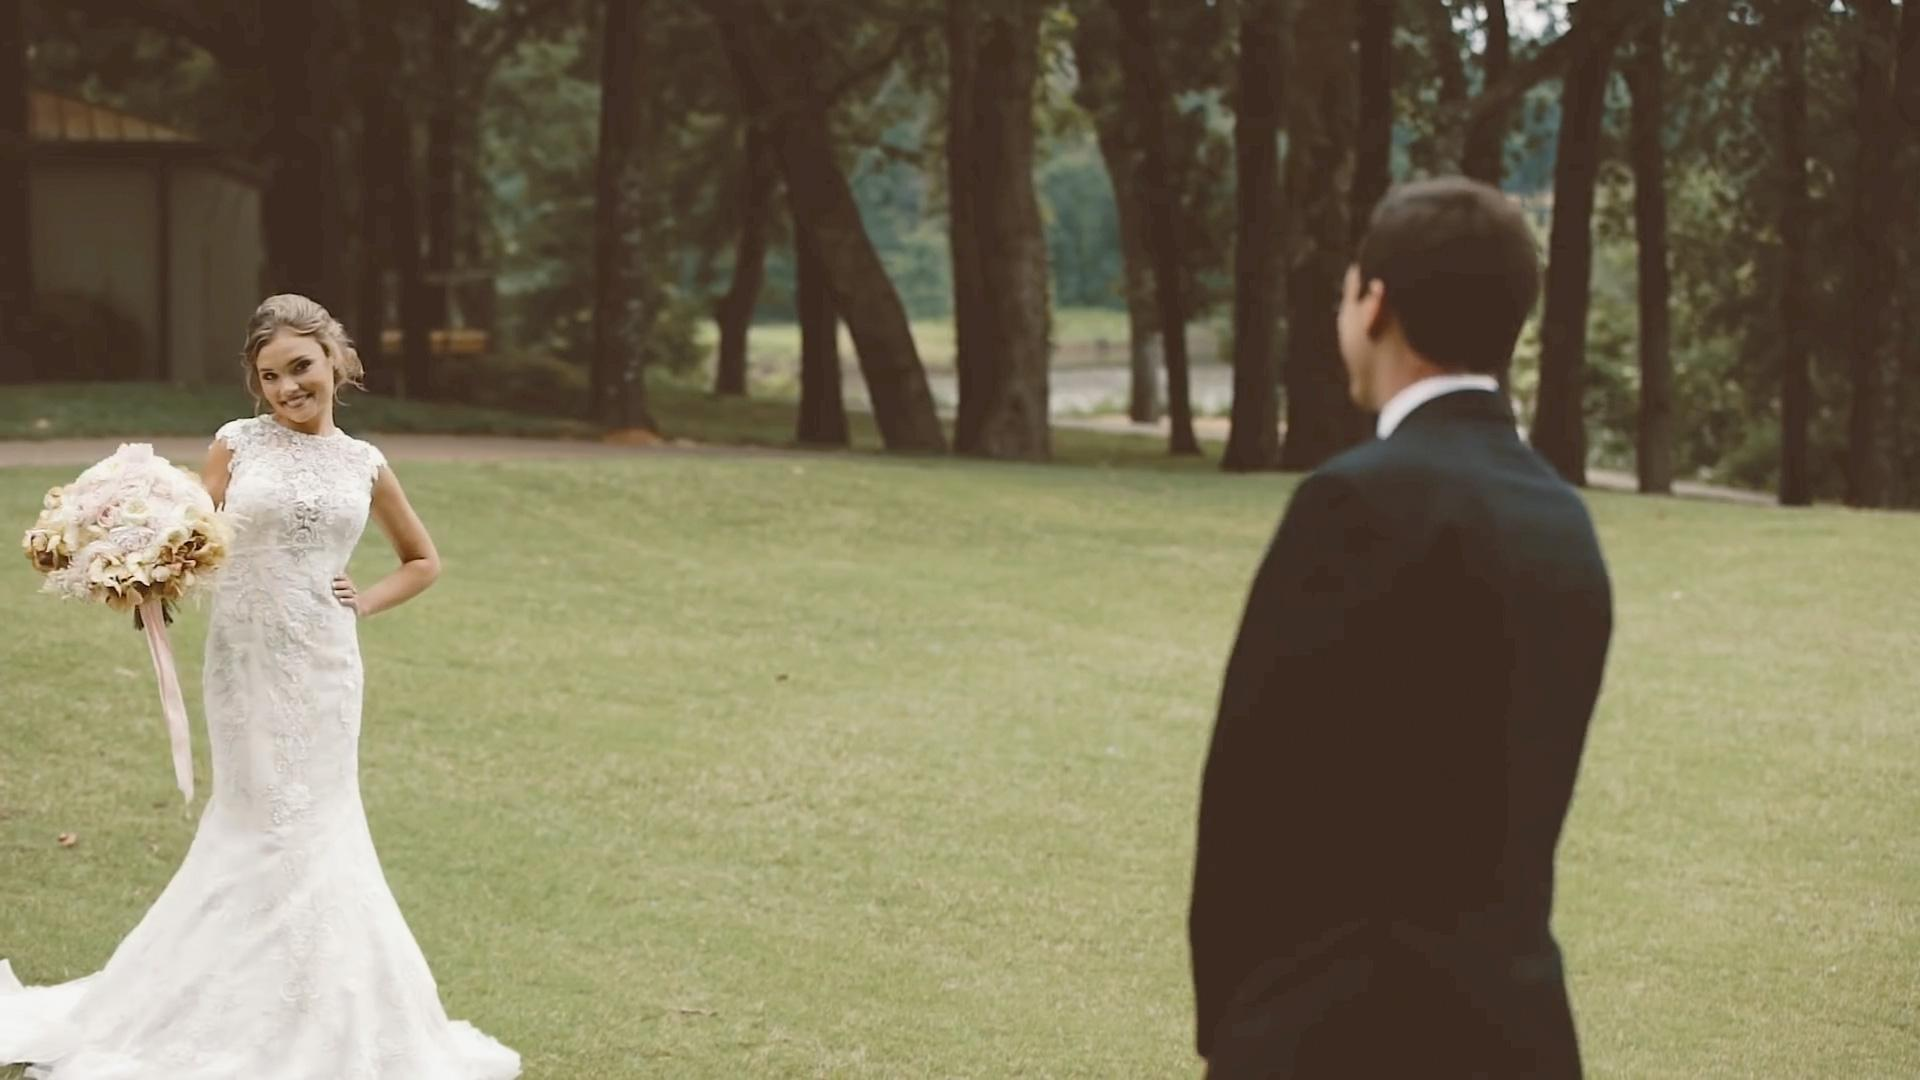 أفكار جميلة لتنفذيها بفيديو زفافك